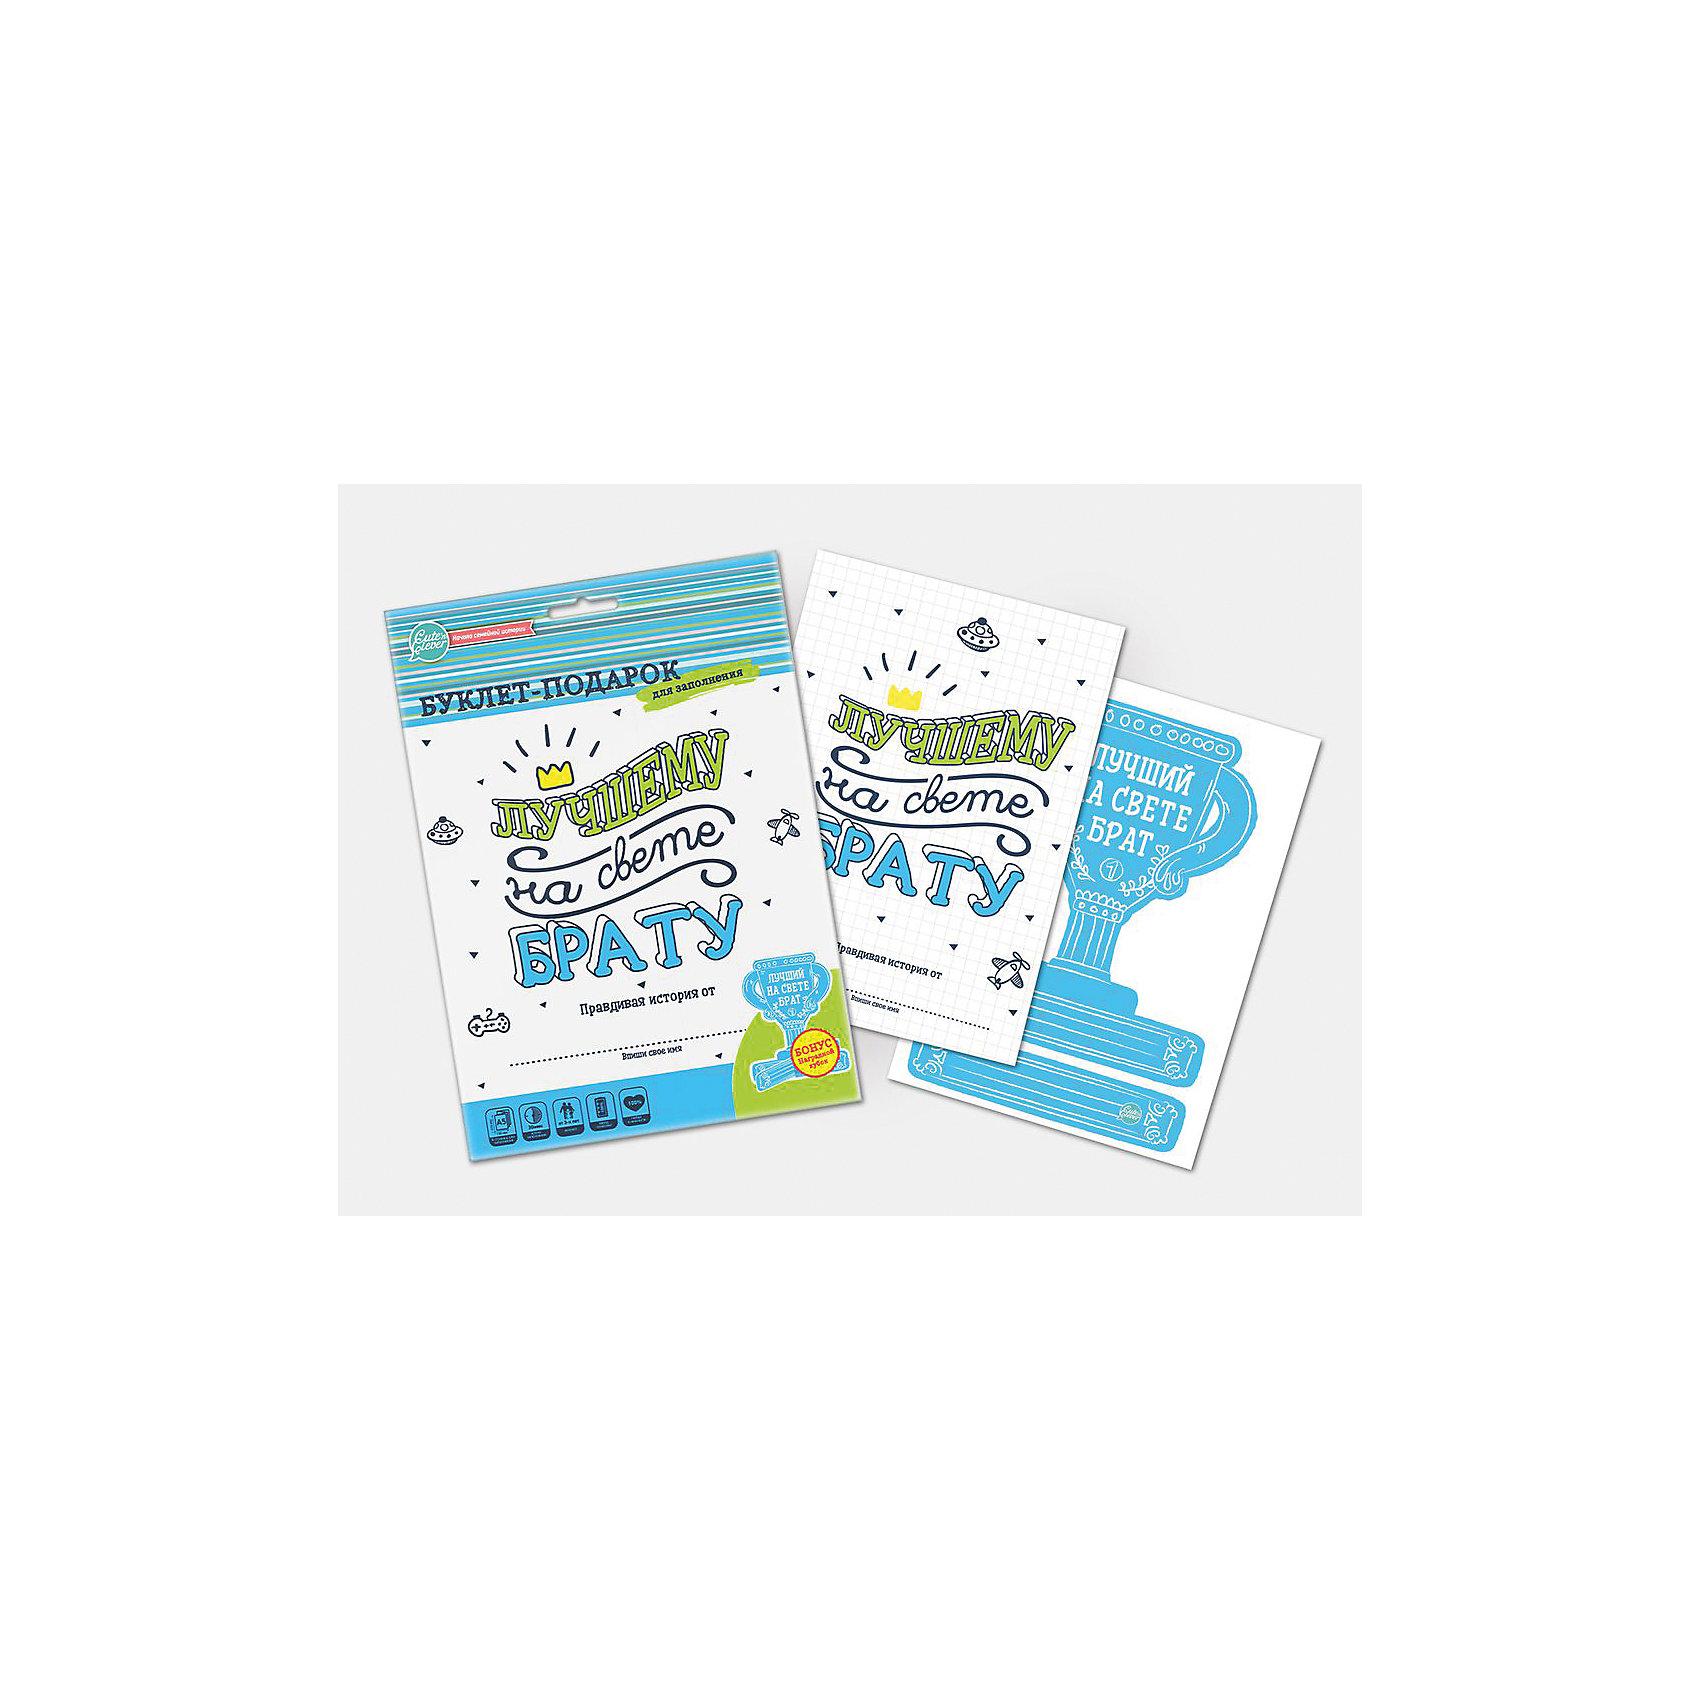 Буклет для заполнения Лучшему на свете брату, Cuten CleverПраздники<br>Буклет для заполнения Лучшему на свете брату, Cuten Clever.<br><br>Характеристики:<br><br>• Материал: картон<br>• Упаковка: картонный конверт<br>• Размер упаковки: 24х17х0,5 см.<br><br>Целая история о любимом брате, написанная и нарисованная ребенком – какой подарок может быть лучше?! Красочно оформленный буклет для заполнения поможет красиво поздравить брата с Днем Рождения, 23 февраля, или просто без повода рассказать ему о своей любви. Приятный бонус наградной кубок Лучший на свете Брат, брат сможет гордо поставить у себя! Искренние теплые слова ребенка, написанные порой с ошибками, но просто и от души, порадуют брата. Сохранив заполненный буклет в семейном альбоме, через много лет будет безумно интересно прочитать его вновь.<br><br>Буклет для заполнения Лучшему на свете брату, Cuten Clever можно купить в нашем интернет-магазине.<br><br>Ширина мм: 241<br>Глубина мм: 172<br>Высота мм: 50<br>Вес г: 50<br>Возраст от месяцев: 36<br>Возраст до месяцев: 2147483647<br>Пол: Унисекс<br>Возраст: Детский<br>SKU: 5454160